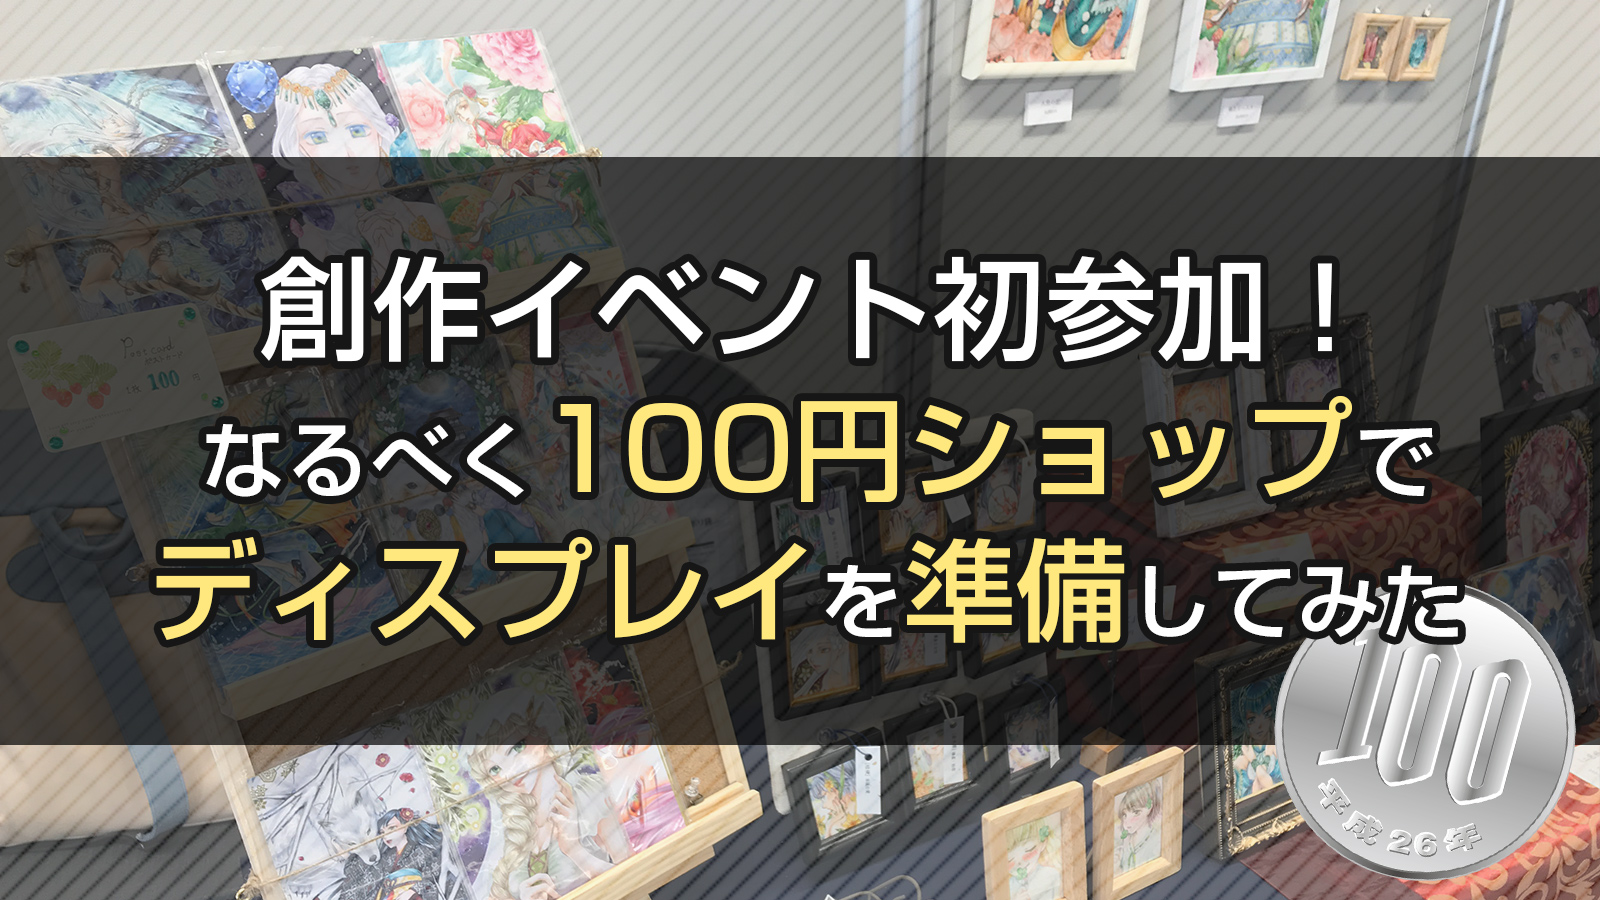 イラスト販売イベントに初サークル参加!ディスプレイはどうする?なるべく100円ショップで準備してみた